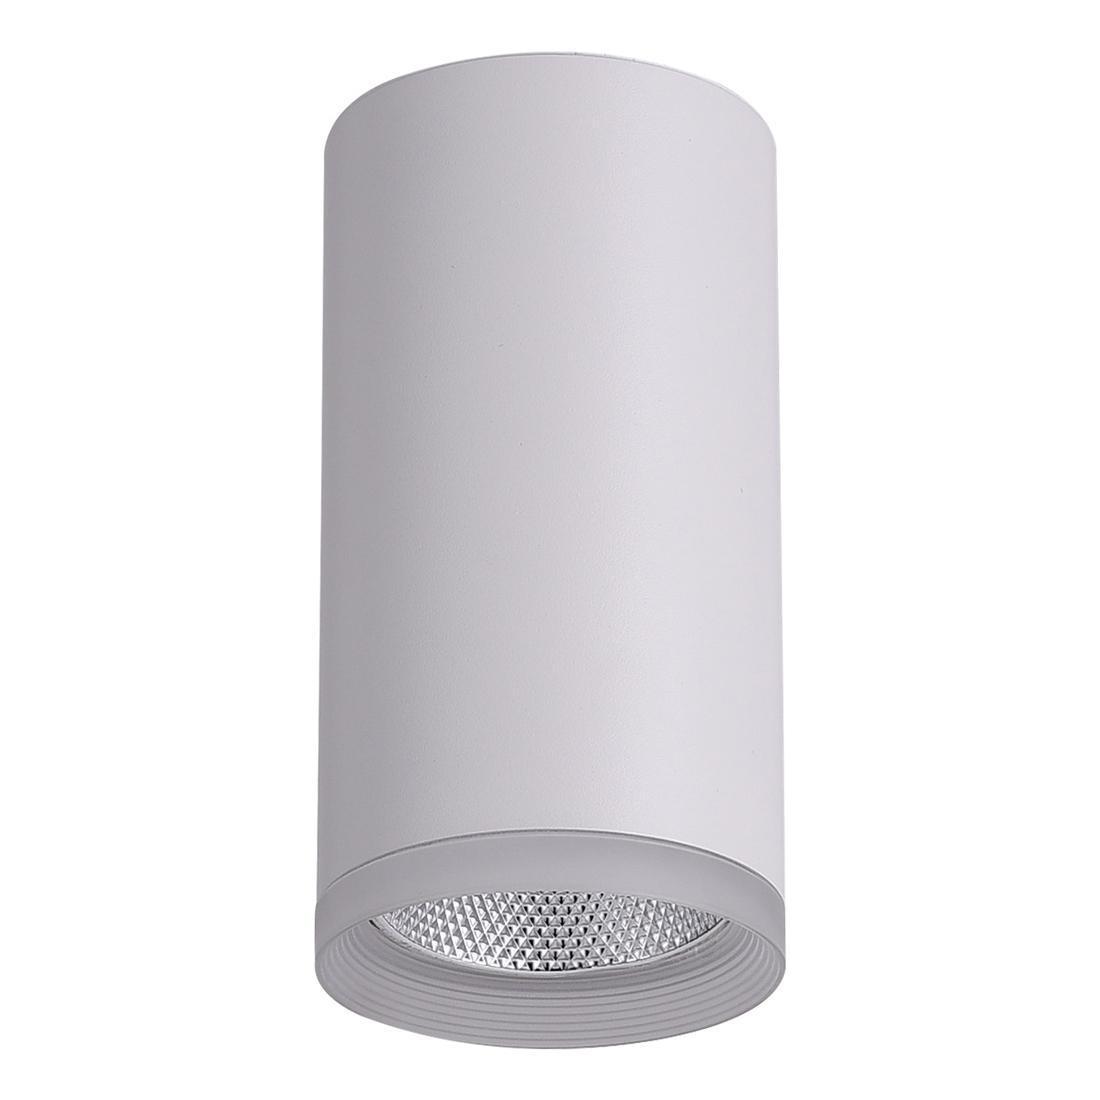 купить Накладной светильник Feron 32507, LED, 25 Вт по цене 2327 рублей